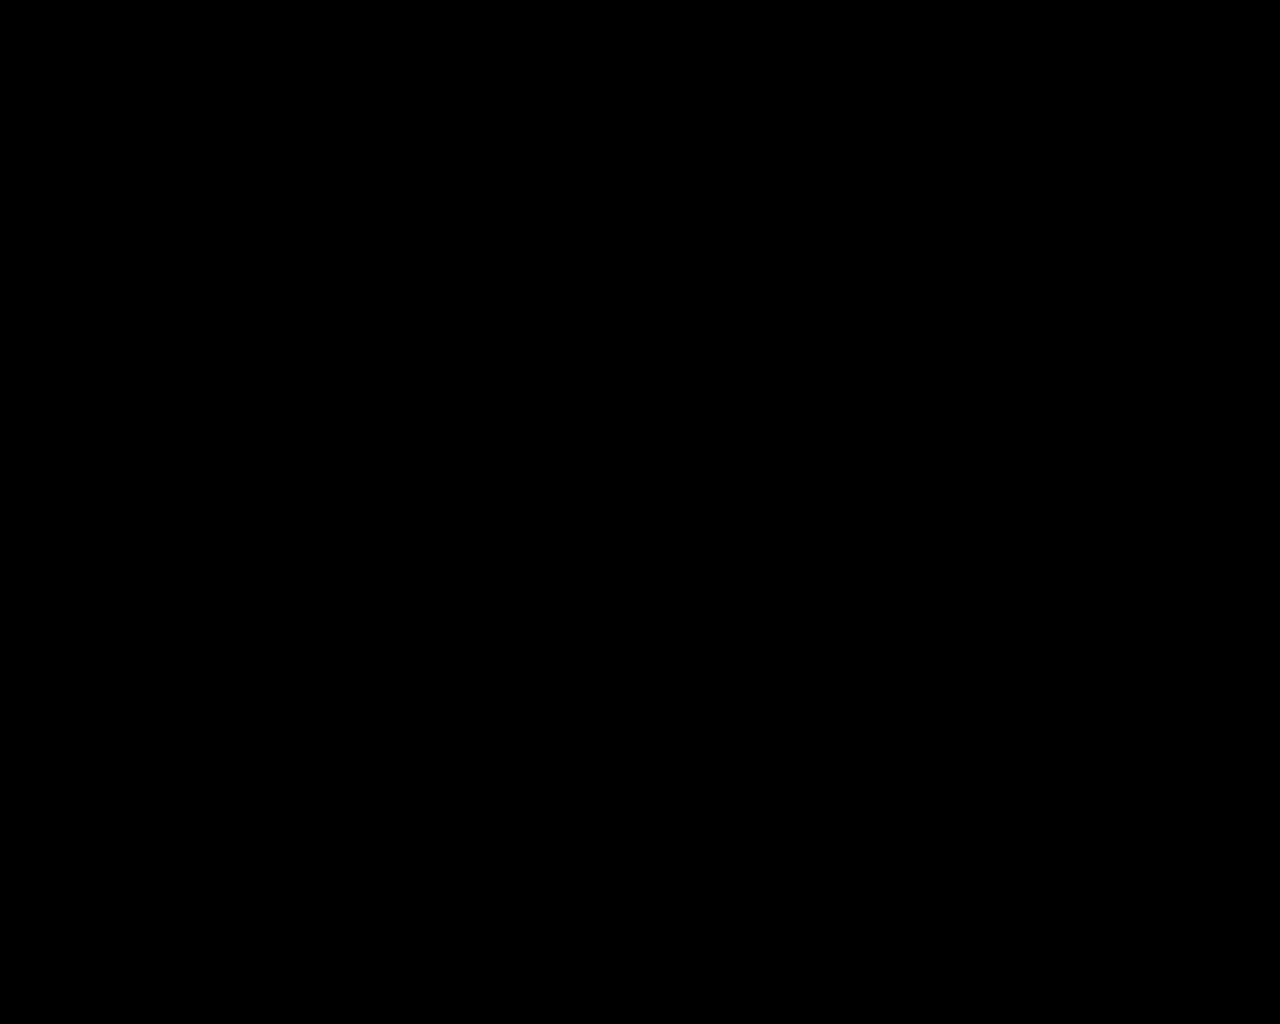 маркировка знаком рст запрещена